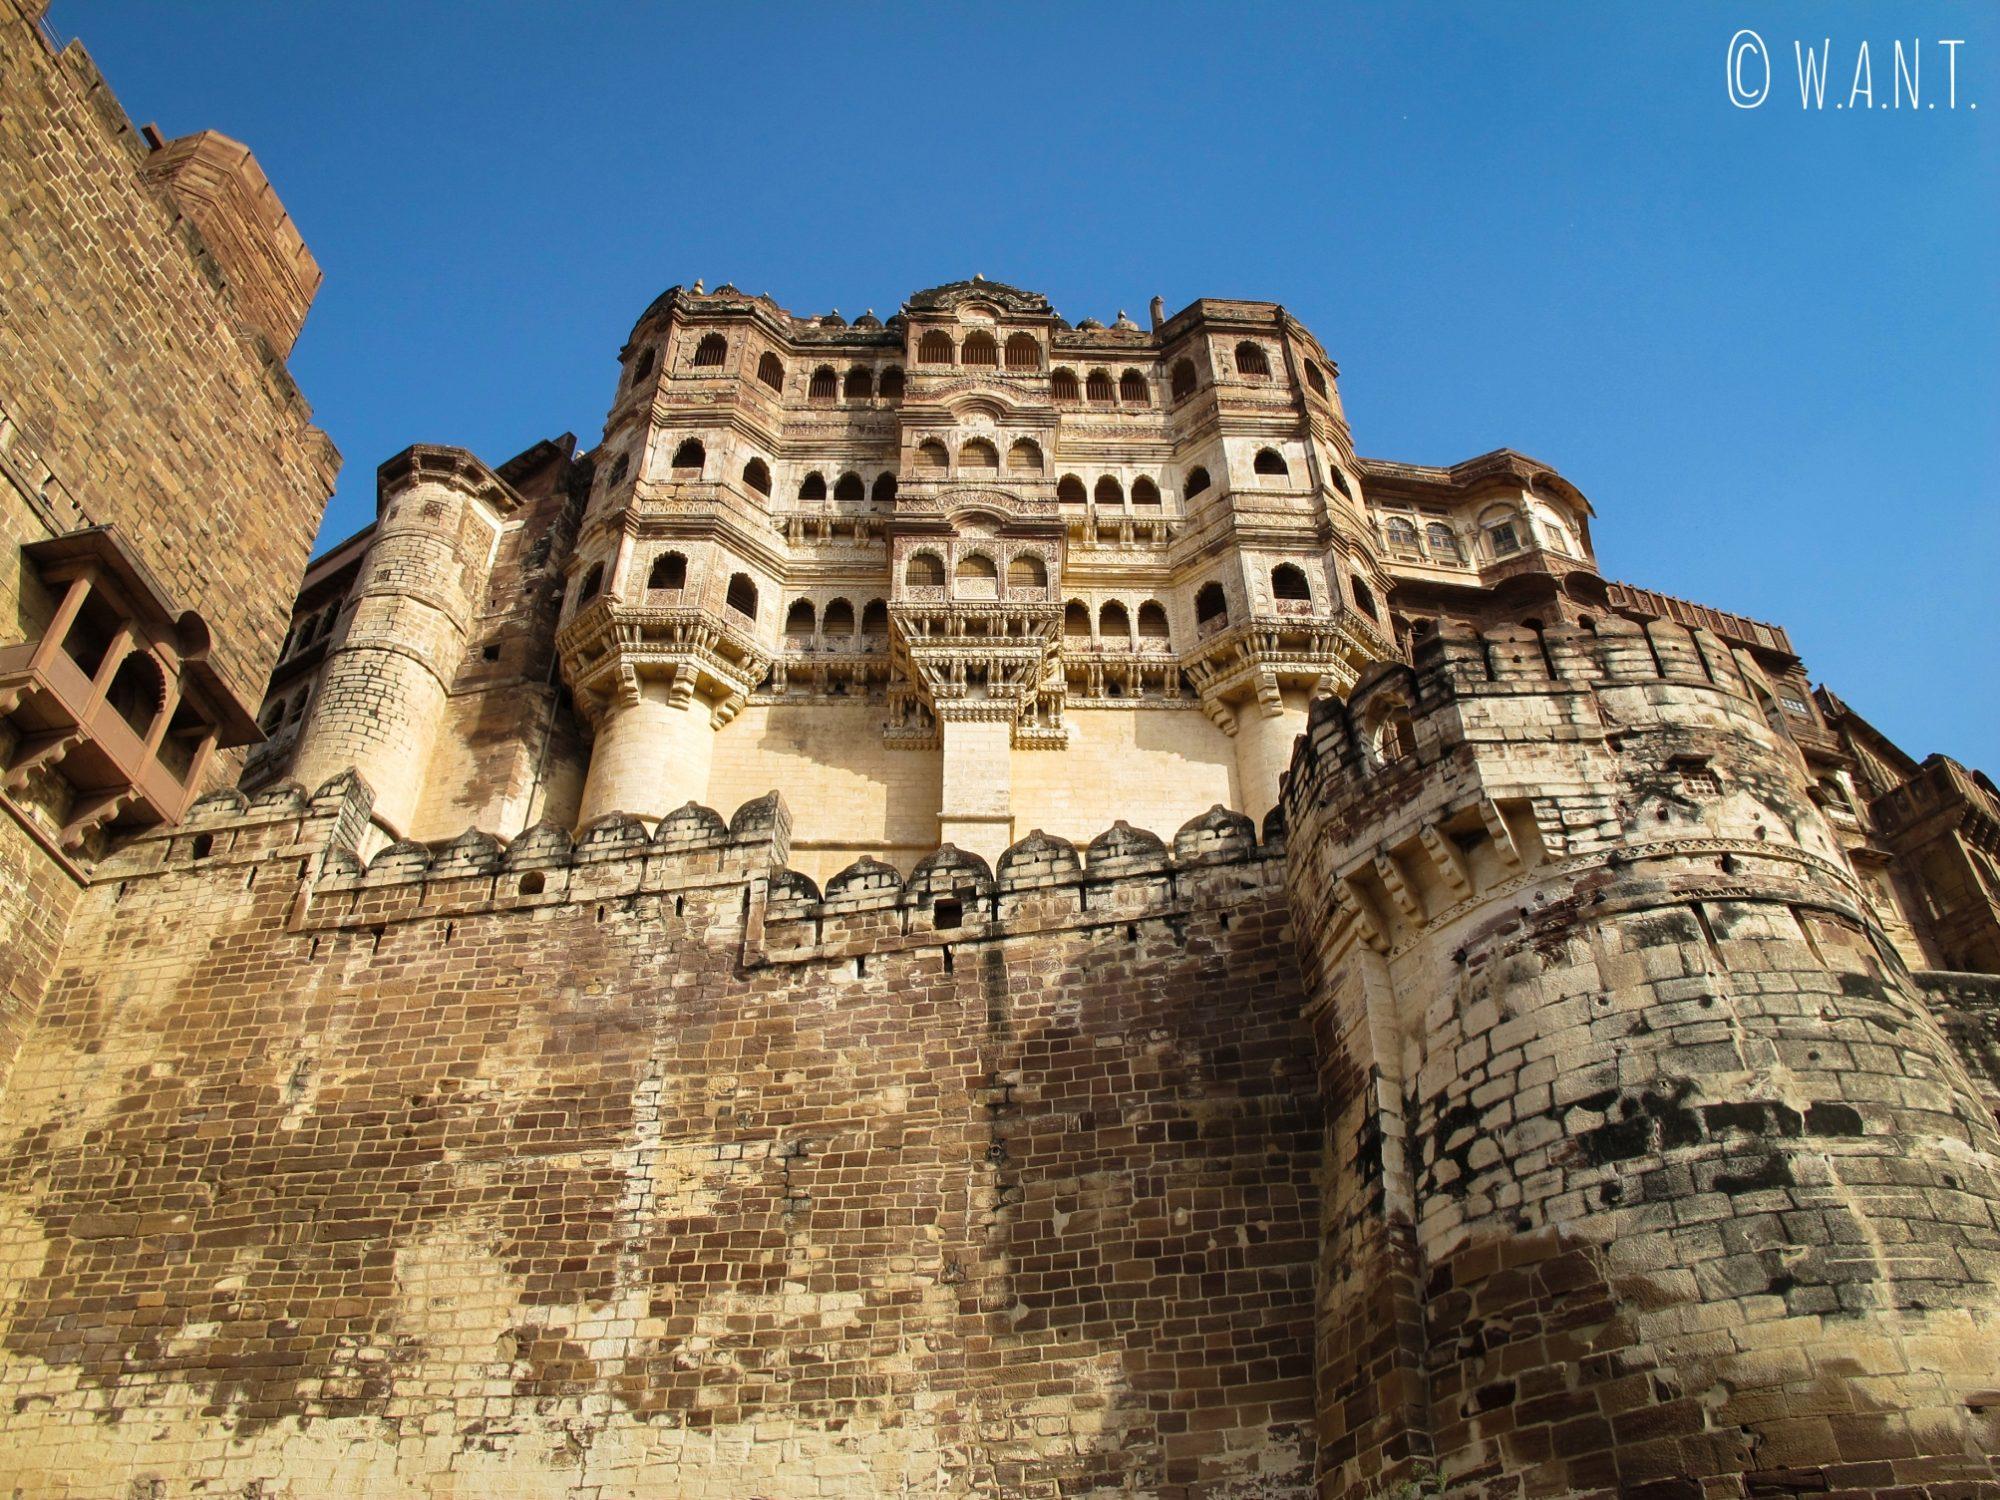 Vue en contreplongée de l'intérieur du fort de Mehrangarh